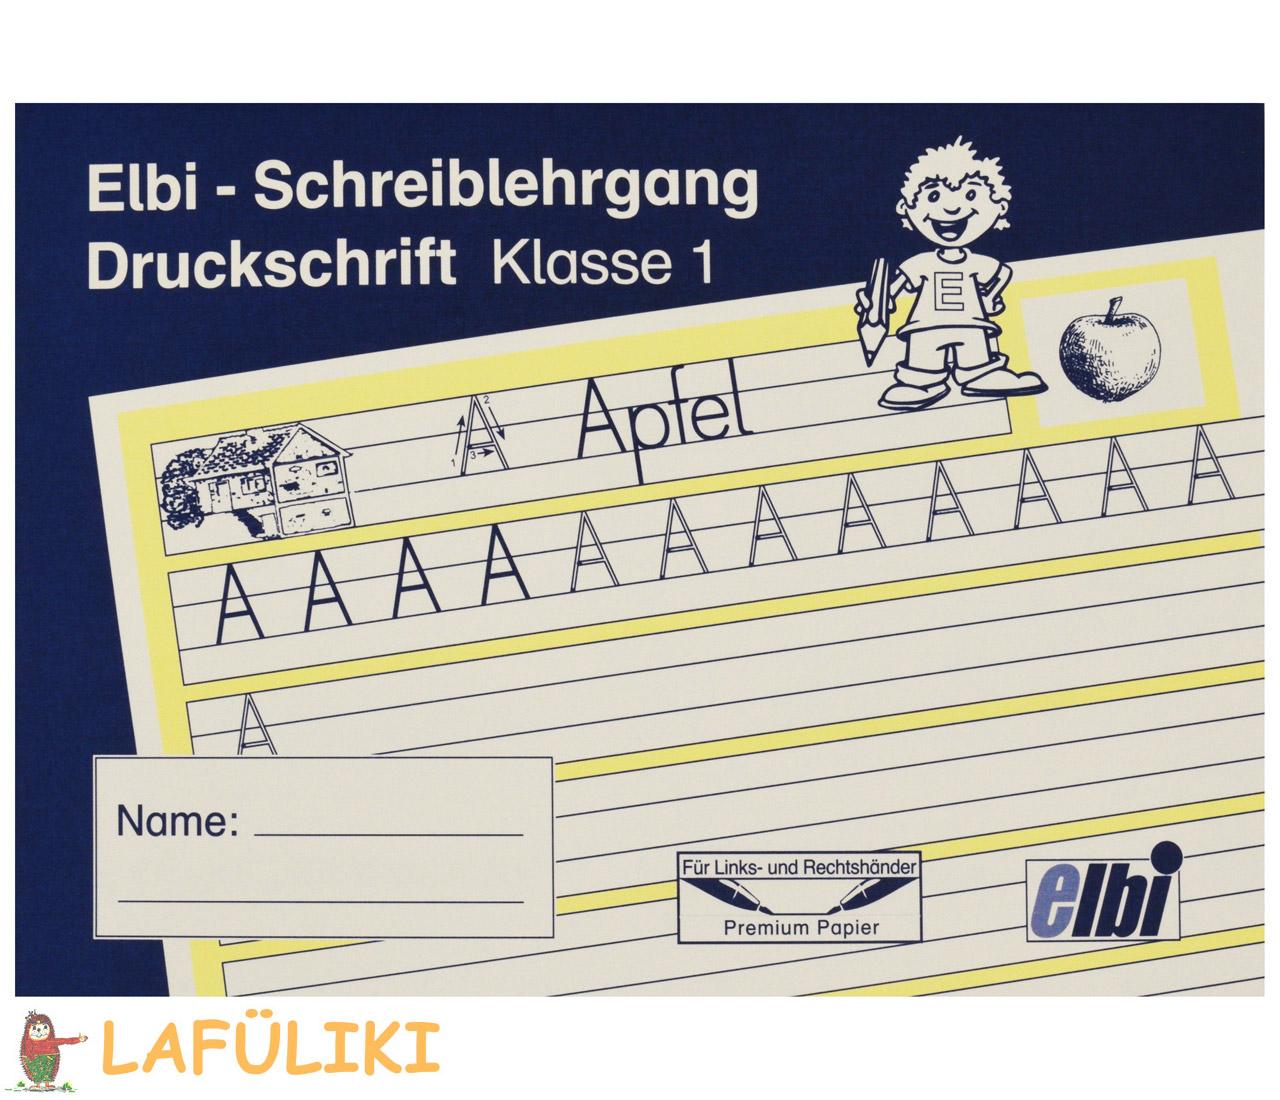 Elbi-Druckschrift-Lehrgang-1-Klasse-linkshaender-lafueliki